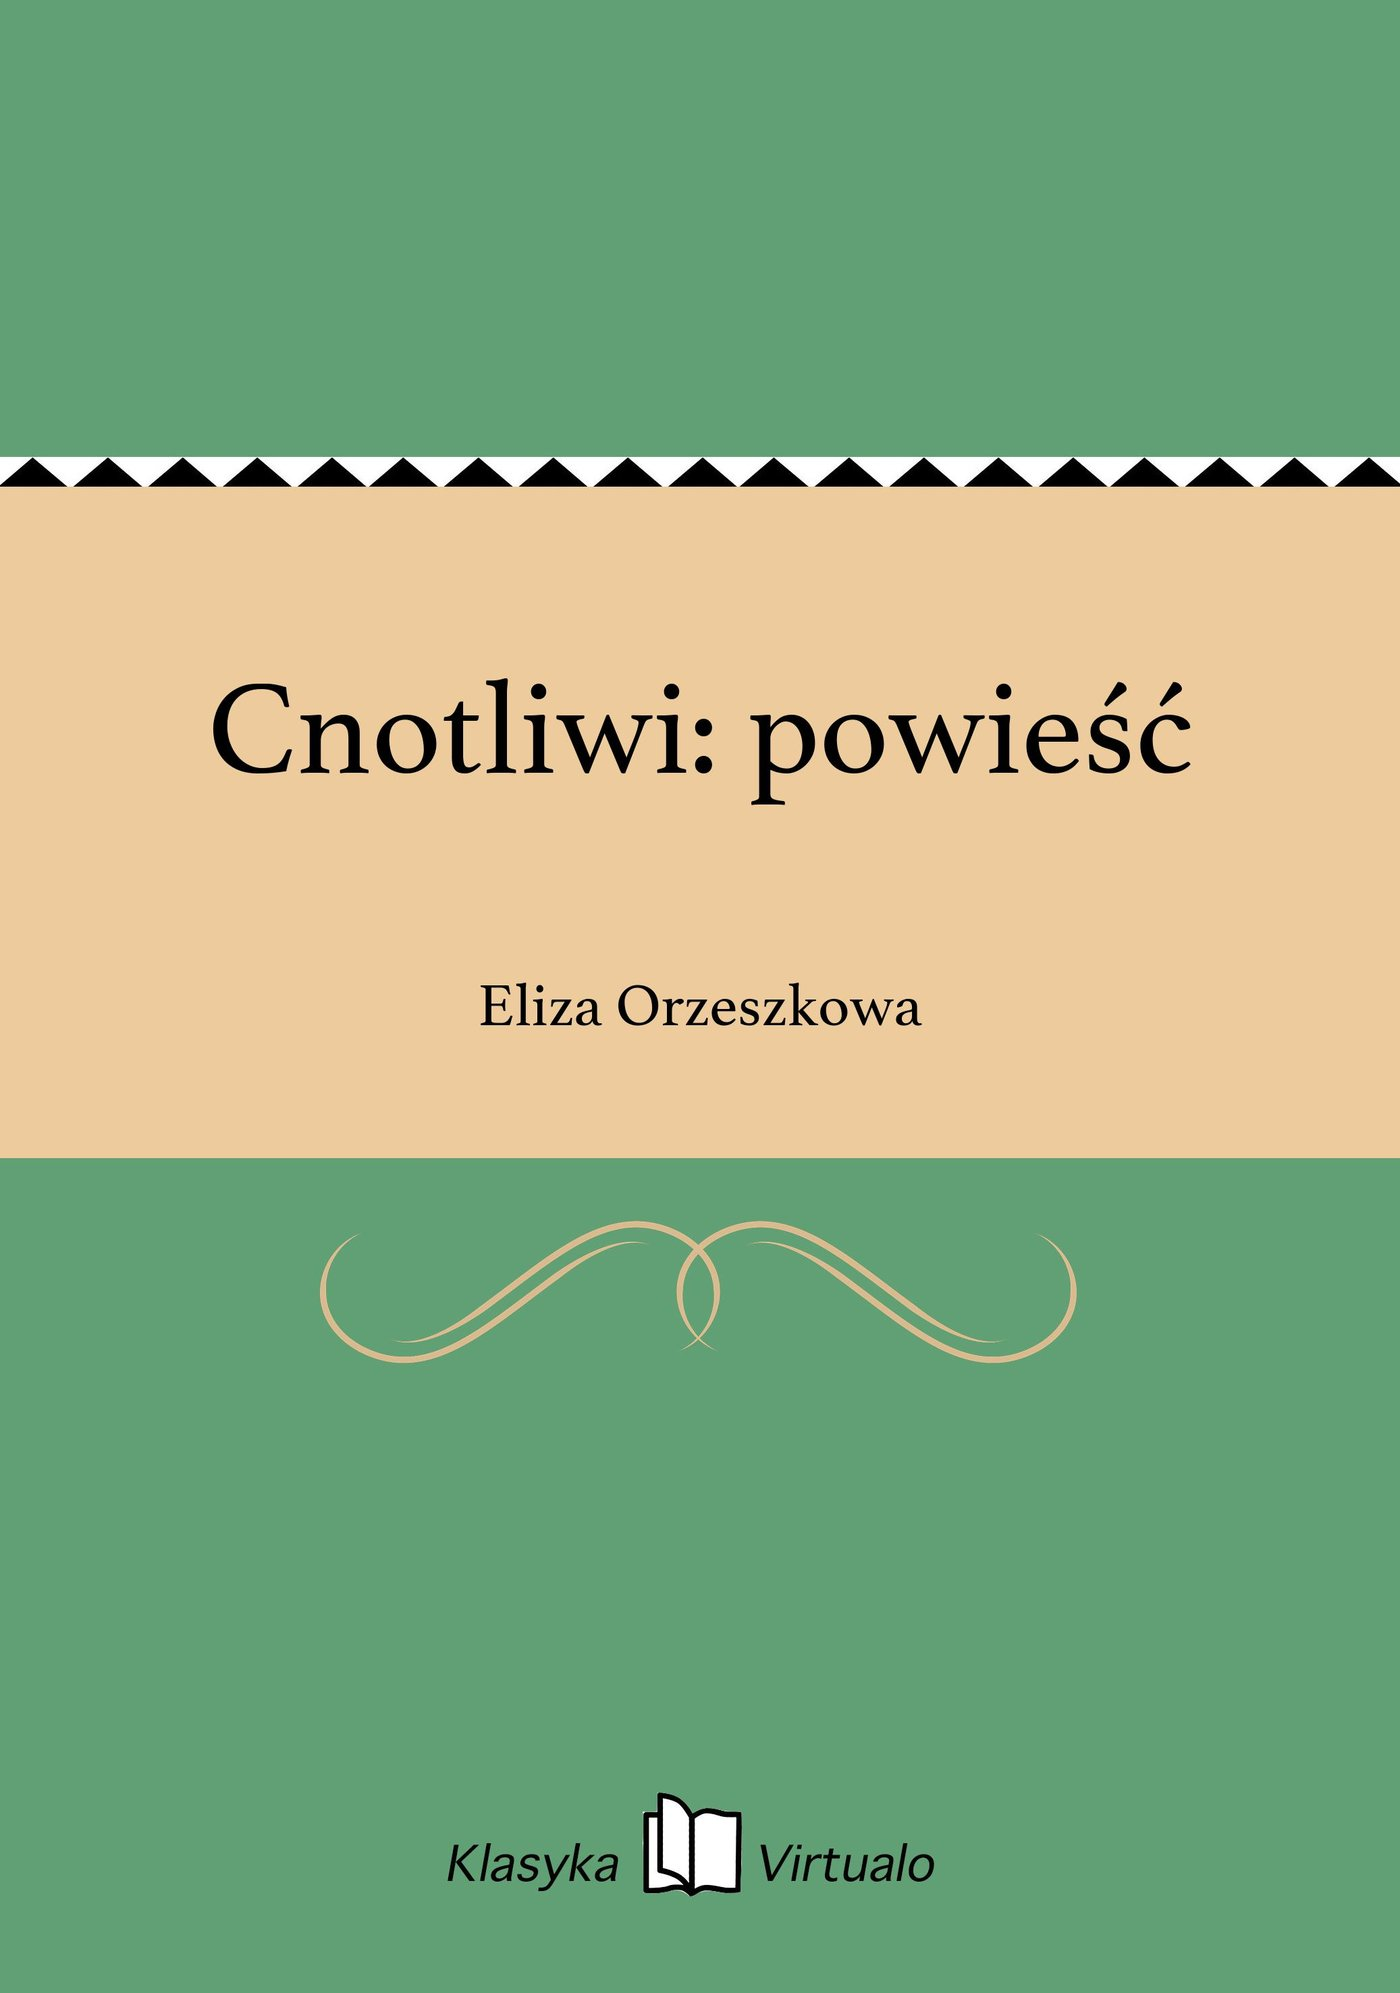 Cnotliwi: powieść - Ebook (Książka na Kindle) do pobrania w formacie MOBI